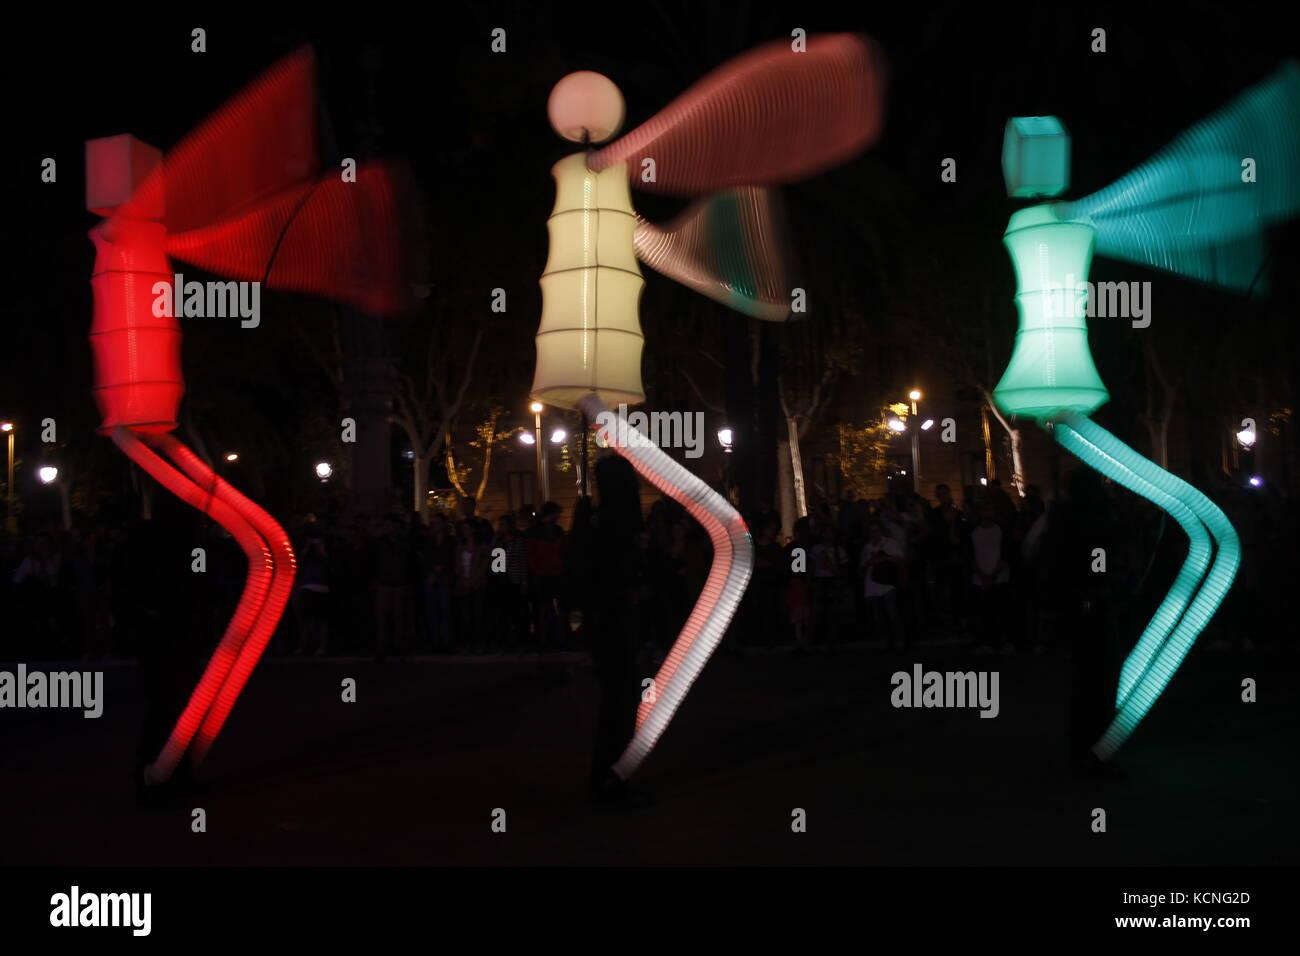 Barcelone, Espagne, 2017. Géants de la lumière dans le cadre de la Mercé, fête de la ville Banque D'Images